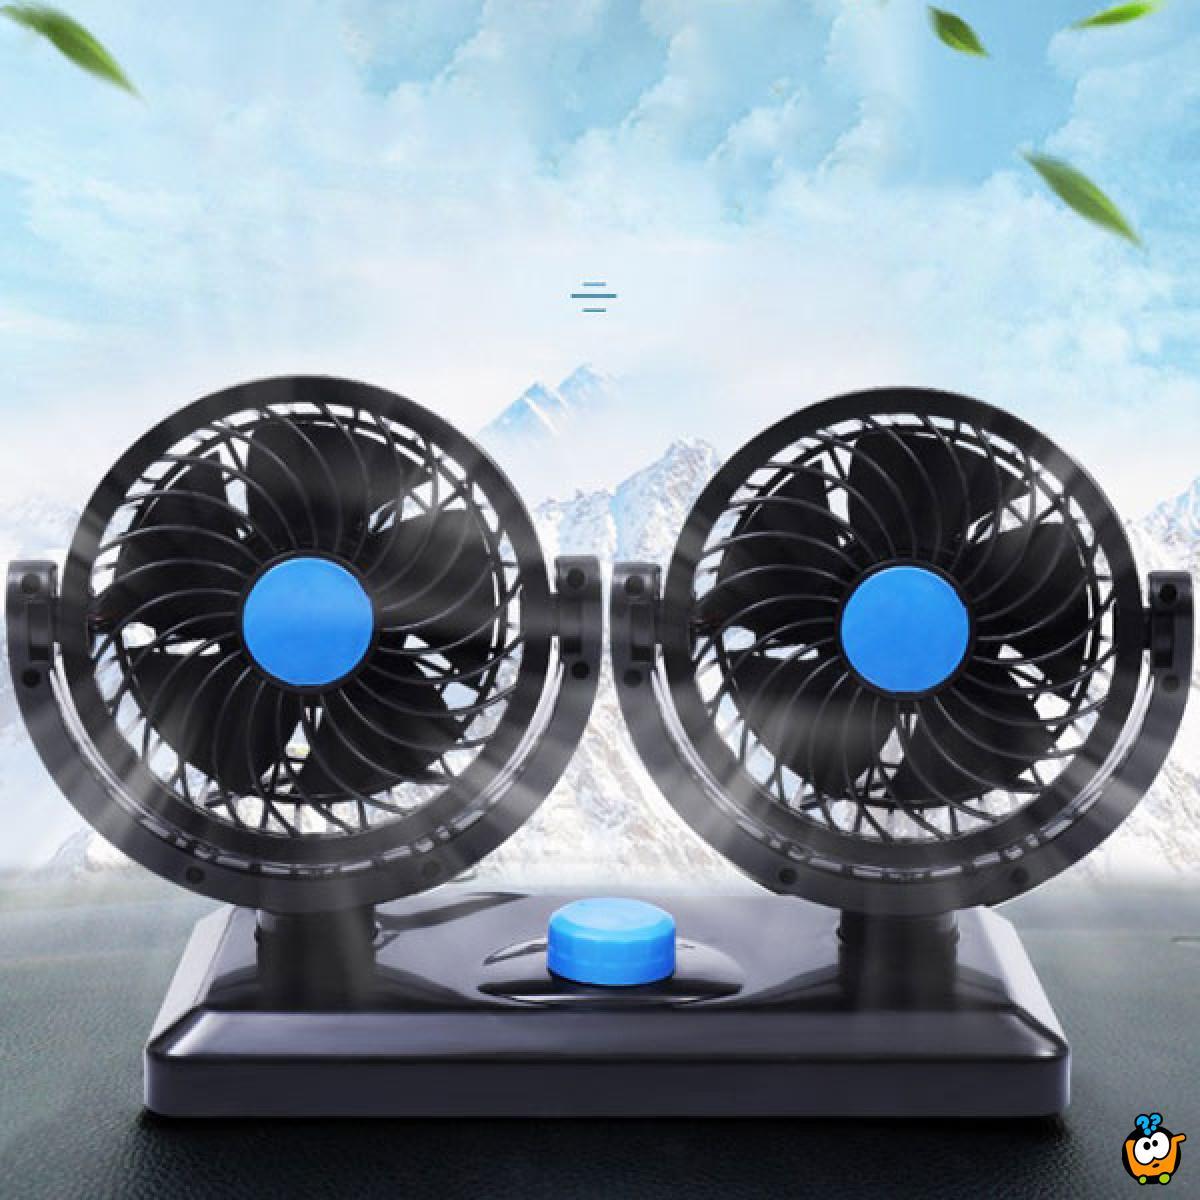 Dvostruki ventilator za automatsko rashlađivanje automobila